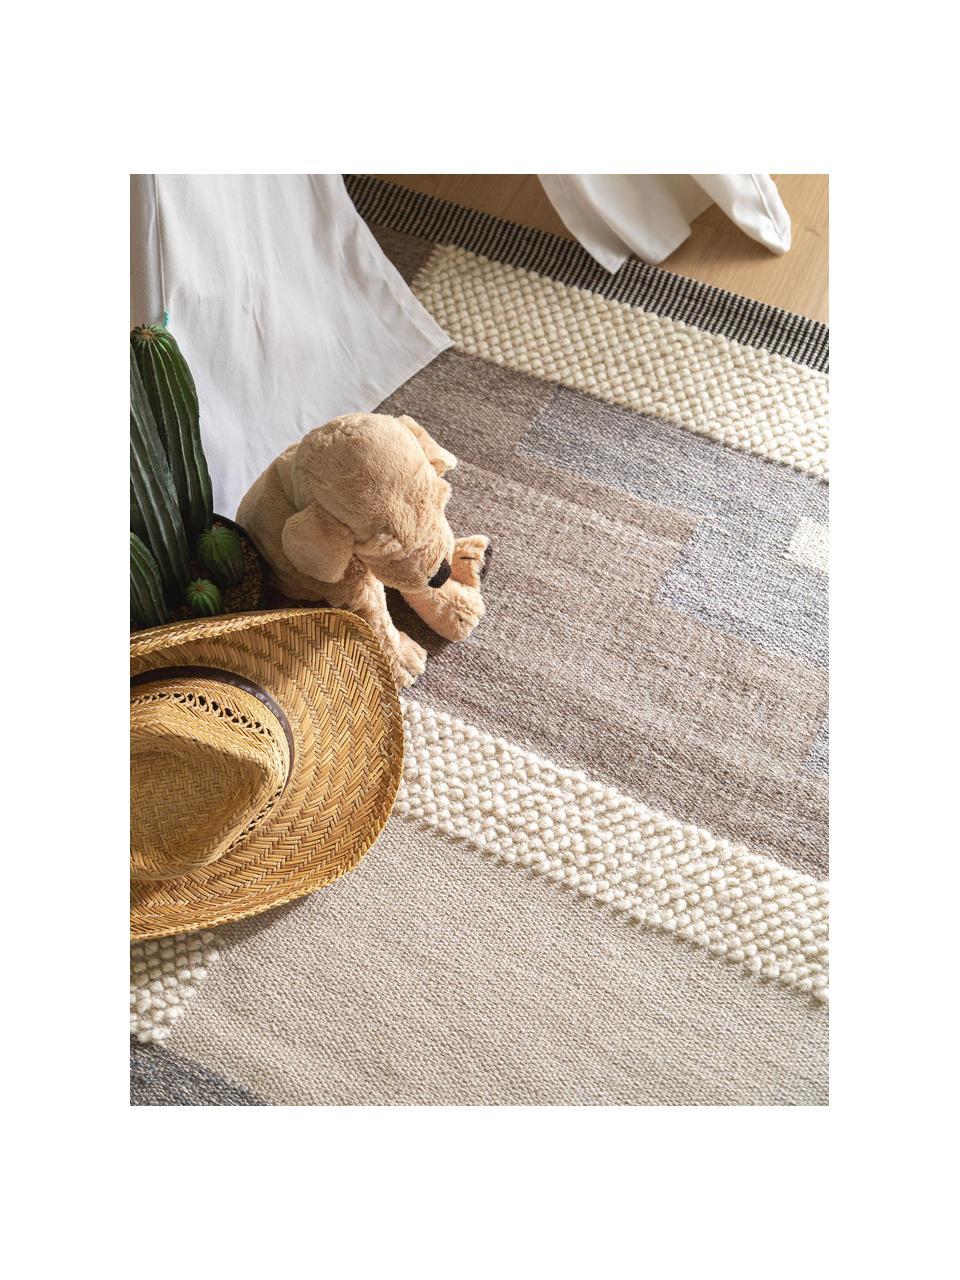 Tappeto in lana tessuto a mano con nappe Tammi, 80% lana, 20% cotone Nel caso dei tappeti di lana, le fibre possono staccarsi nelle prime settimane di utilizzo, questo e la formazione di lanugine si riducono con l'uso quotidiano, Grigio, beige, taupe, Larg. 200 x Lung. 300 cm (taglia L)